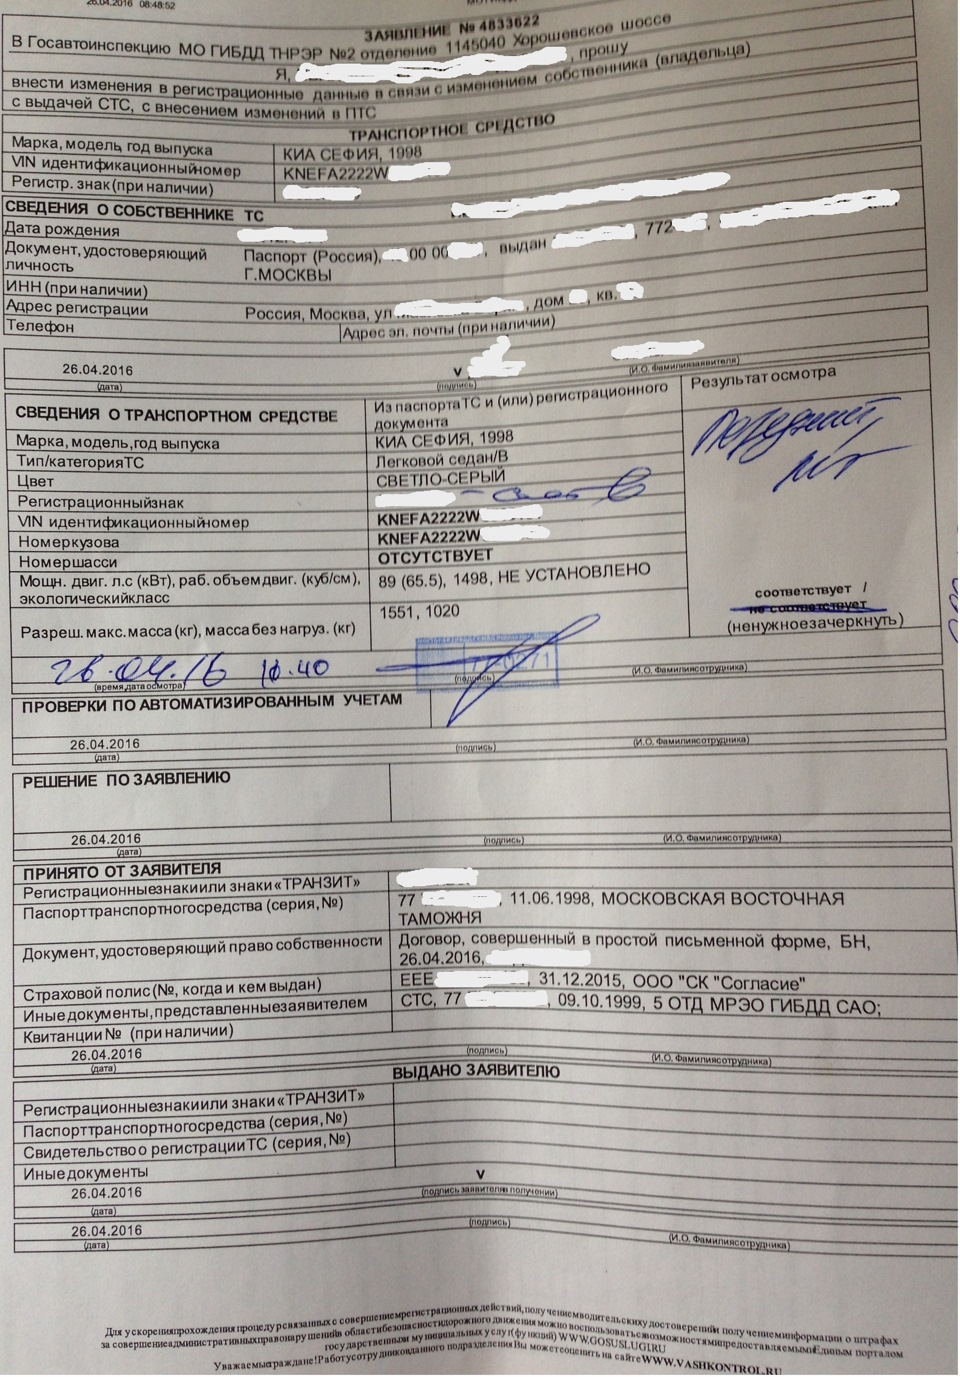 Госавтоинспекция: Направление обращения 73